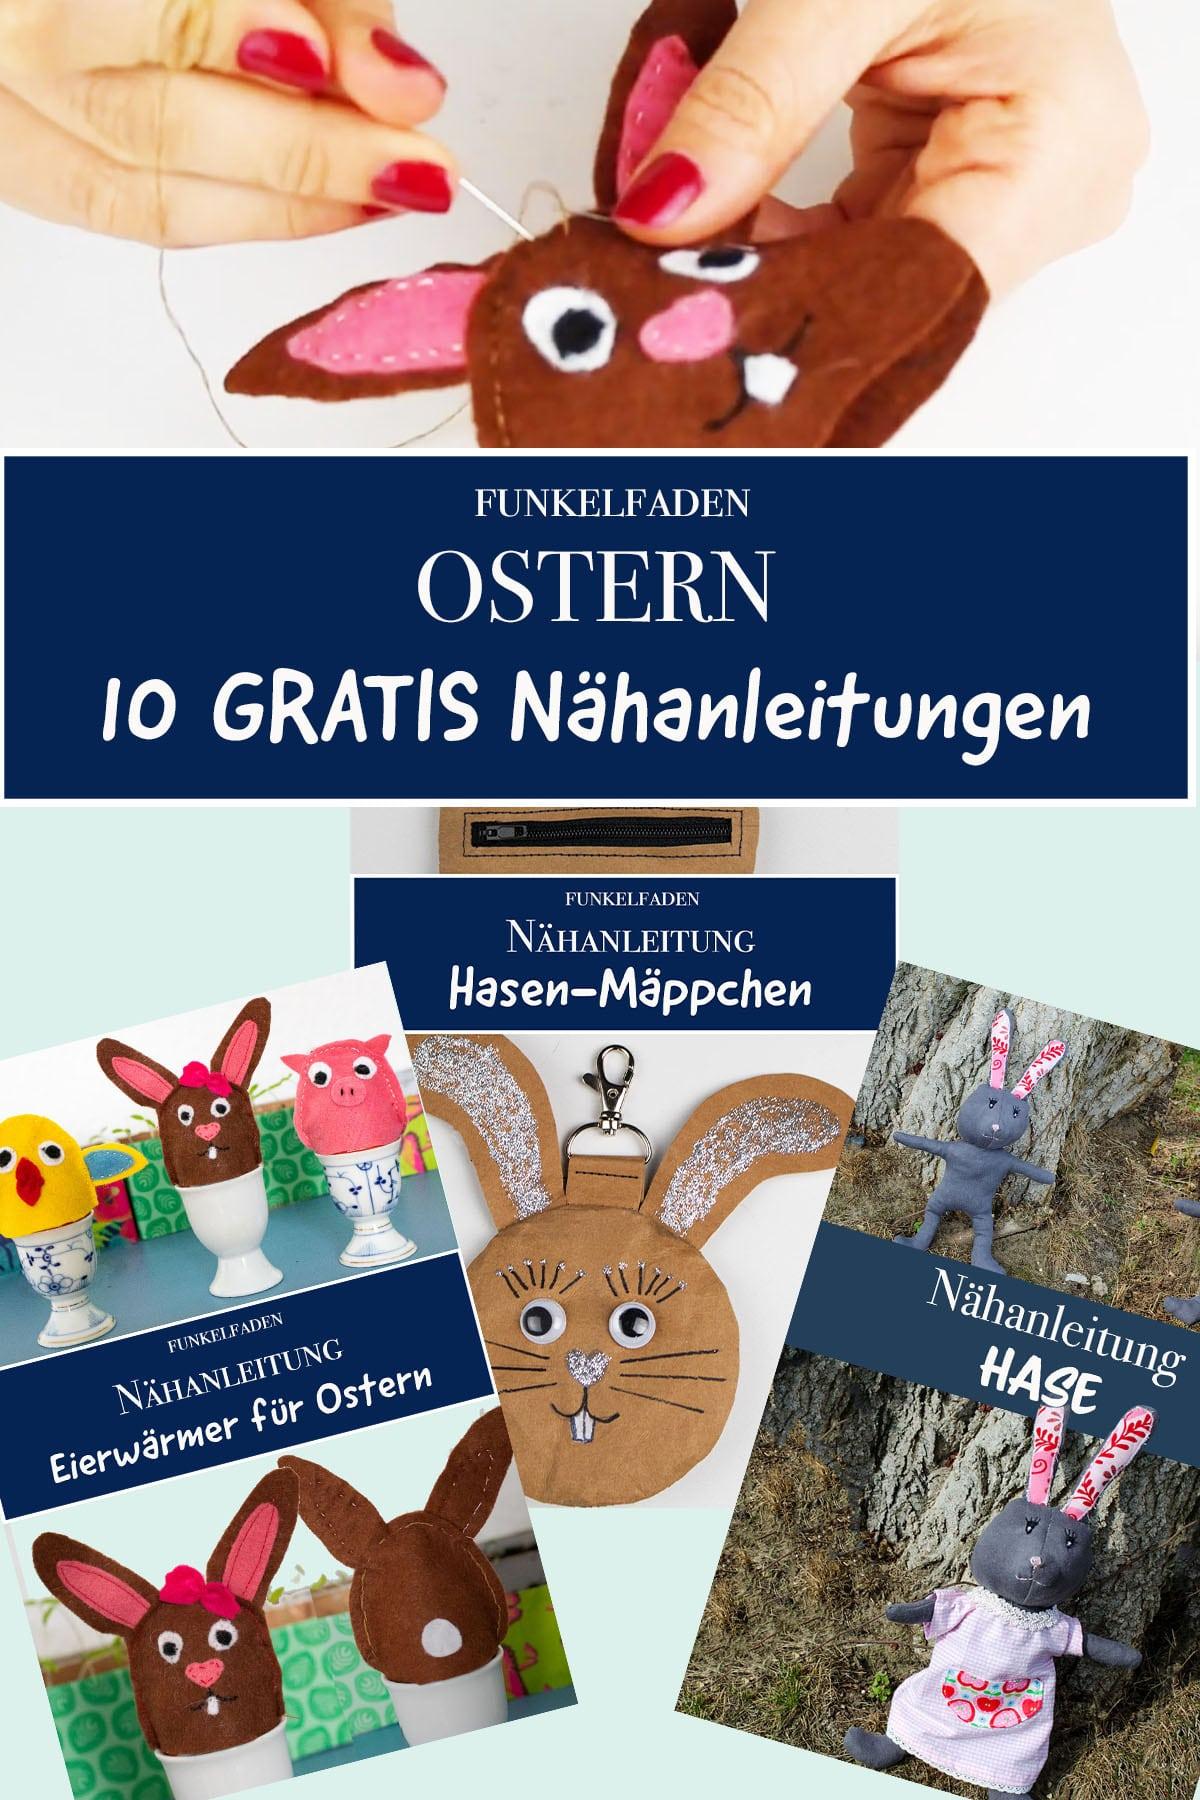 10 Gratis Nähanleitungen zu Ostern